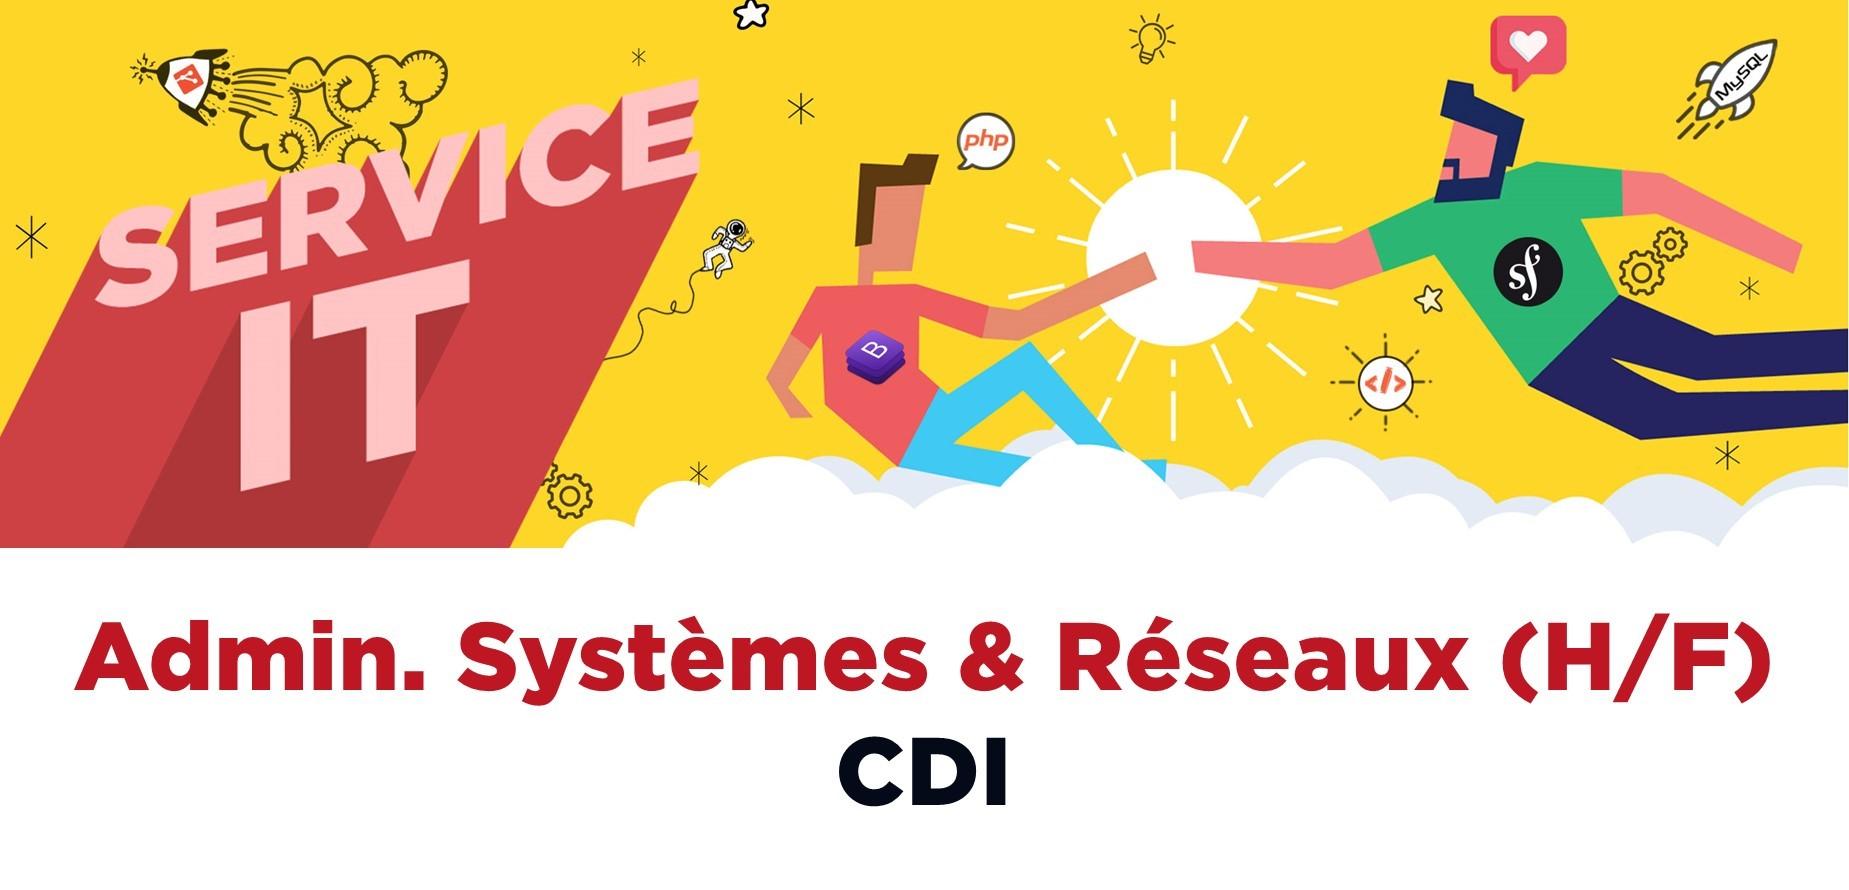 Admin. Systèmes & Réseaux